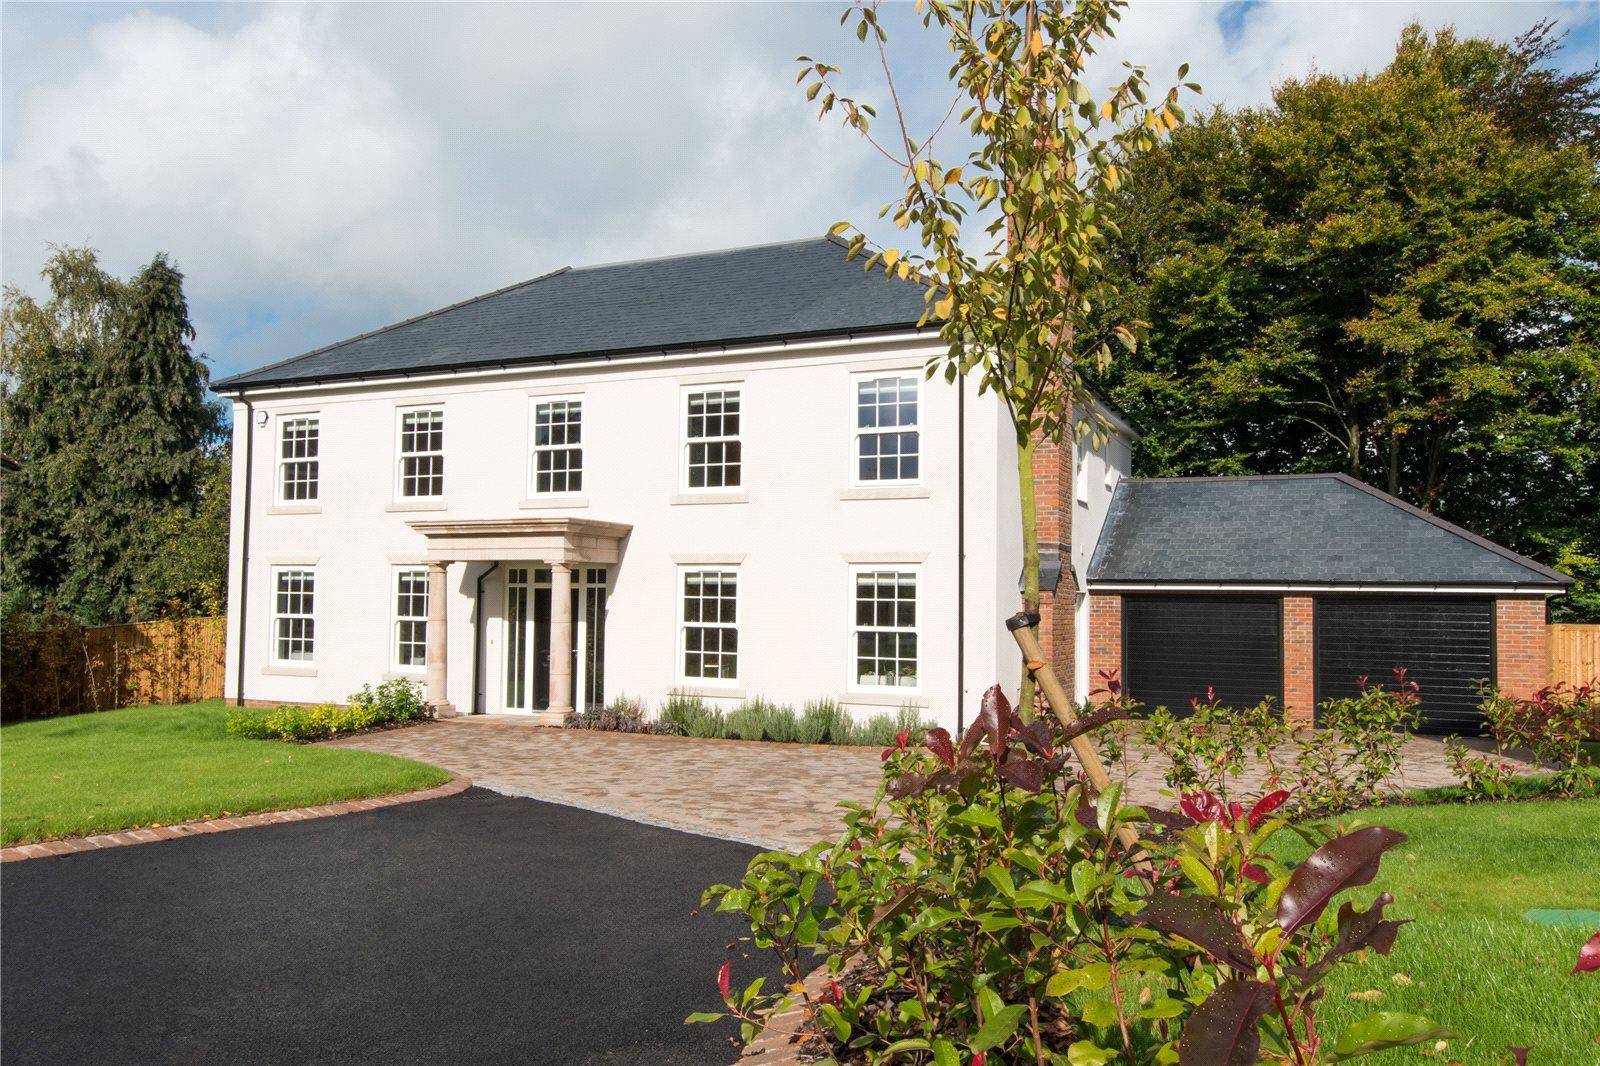 Μονοκατοικία για την Πώληση στο Paddock Gardens, Crouch, Borough Green, Sevenoaks, TN15 Sevenoaks, Αγγλια